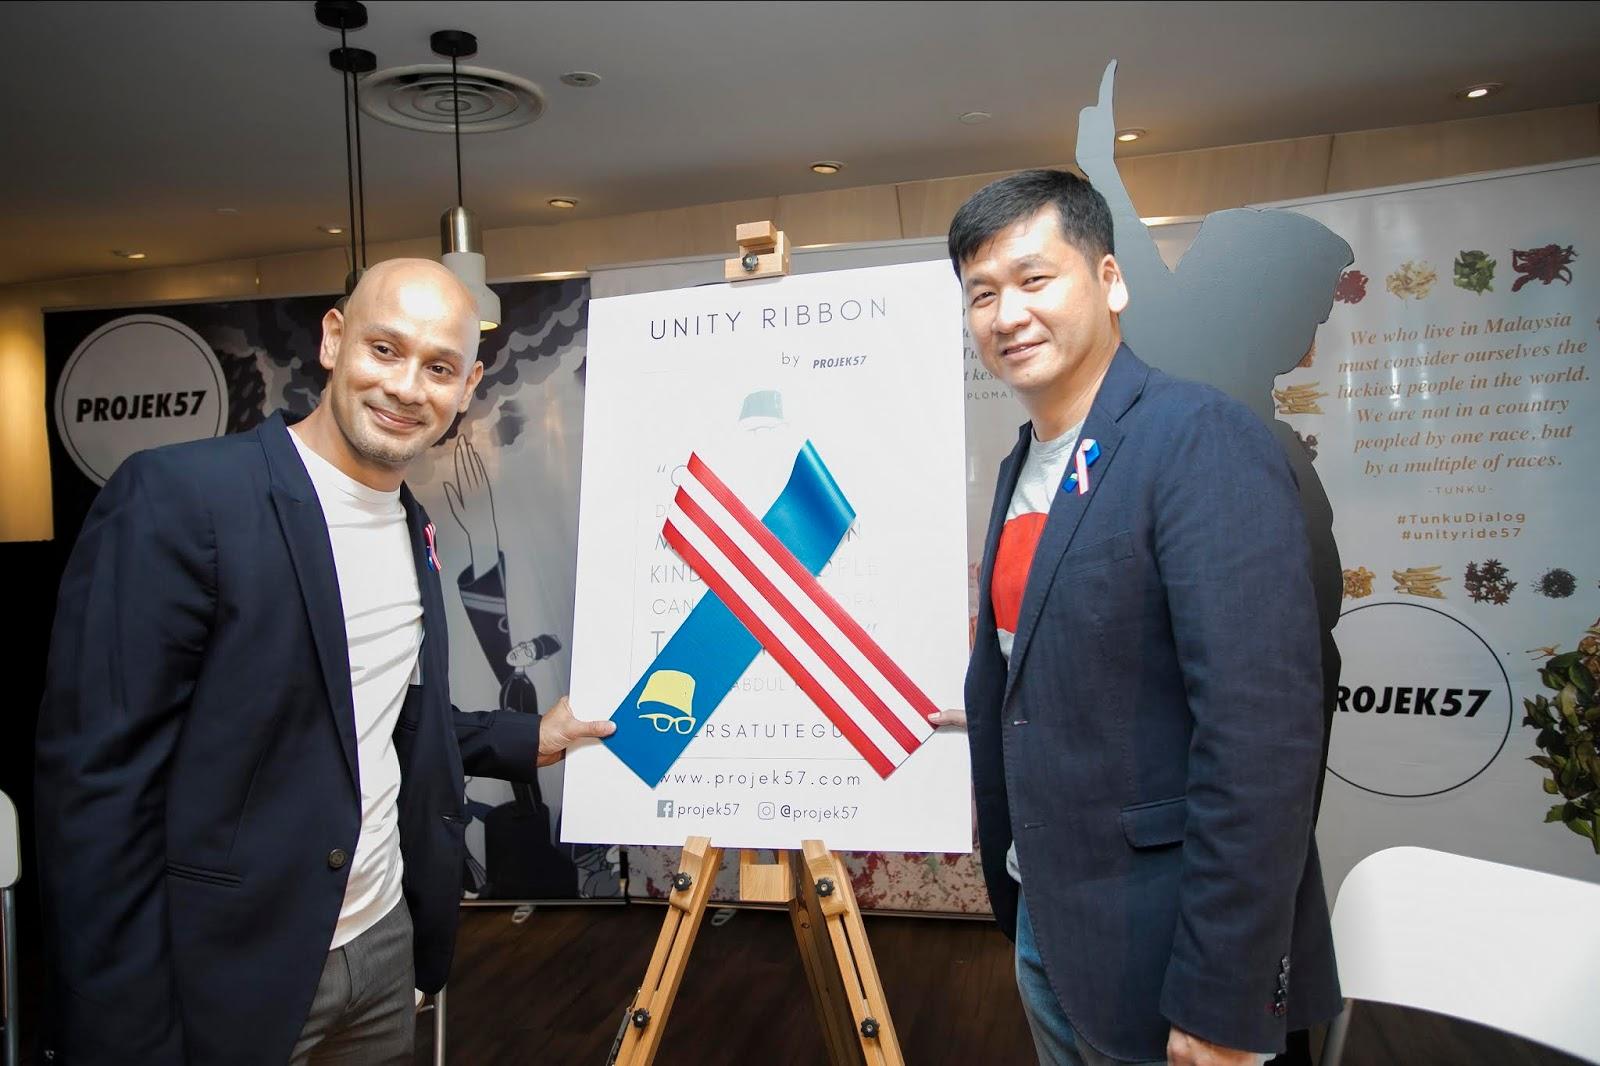 Kempen Unity Ribbon Projek57 Menyemarakan Rasa Cinta Pada Bangsa Dan Rakyat Malaysia